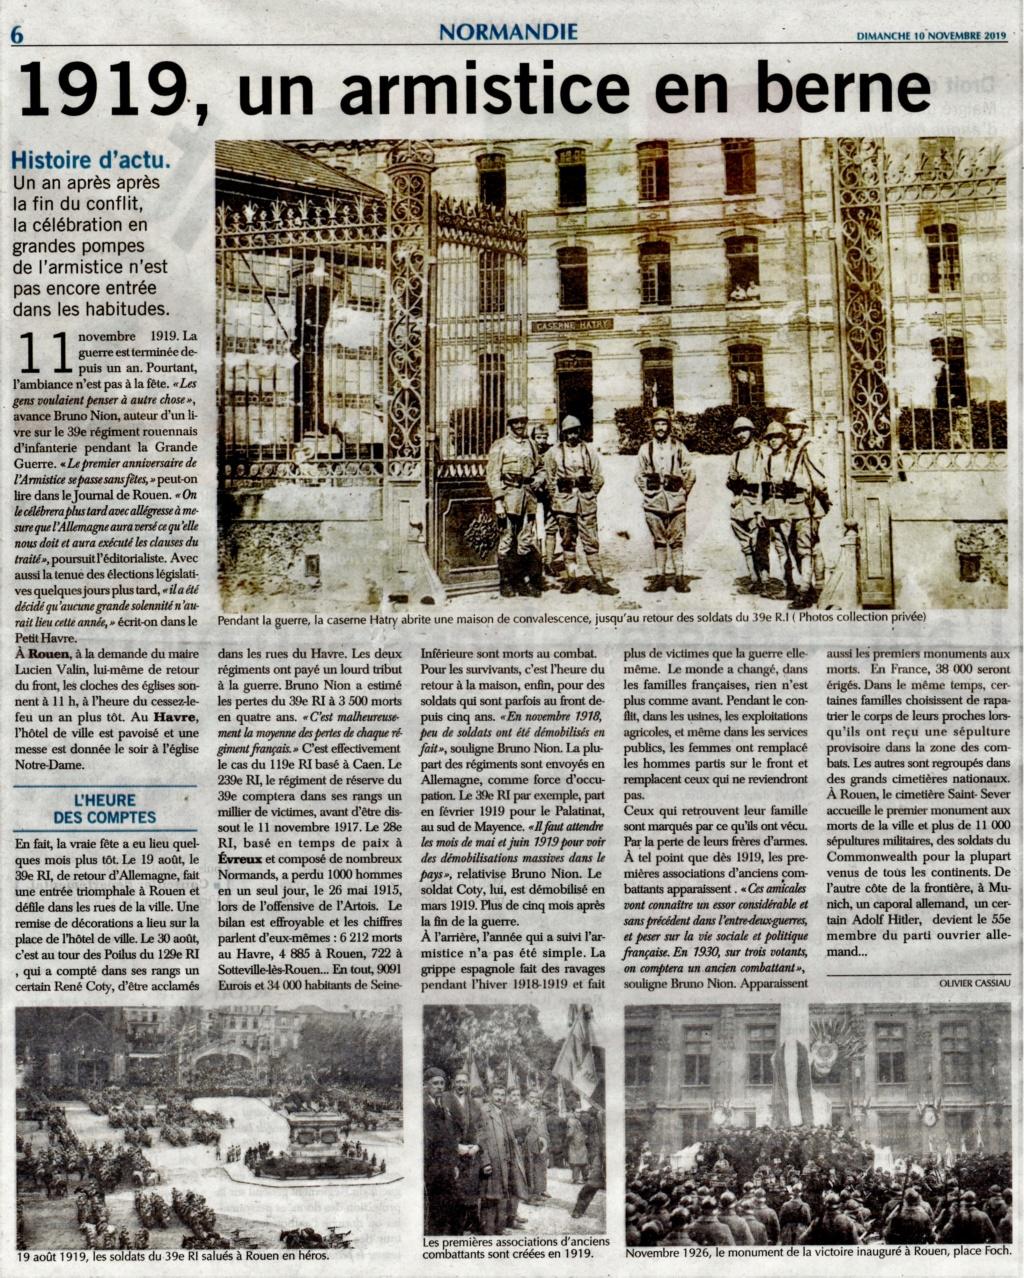 1919, un armistice en berne 2019-128